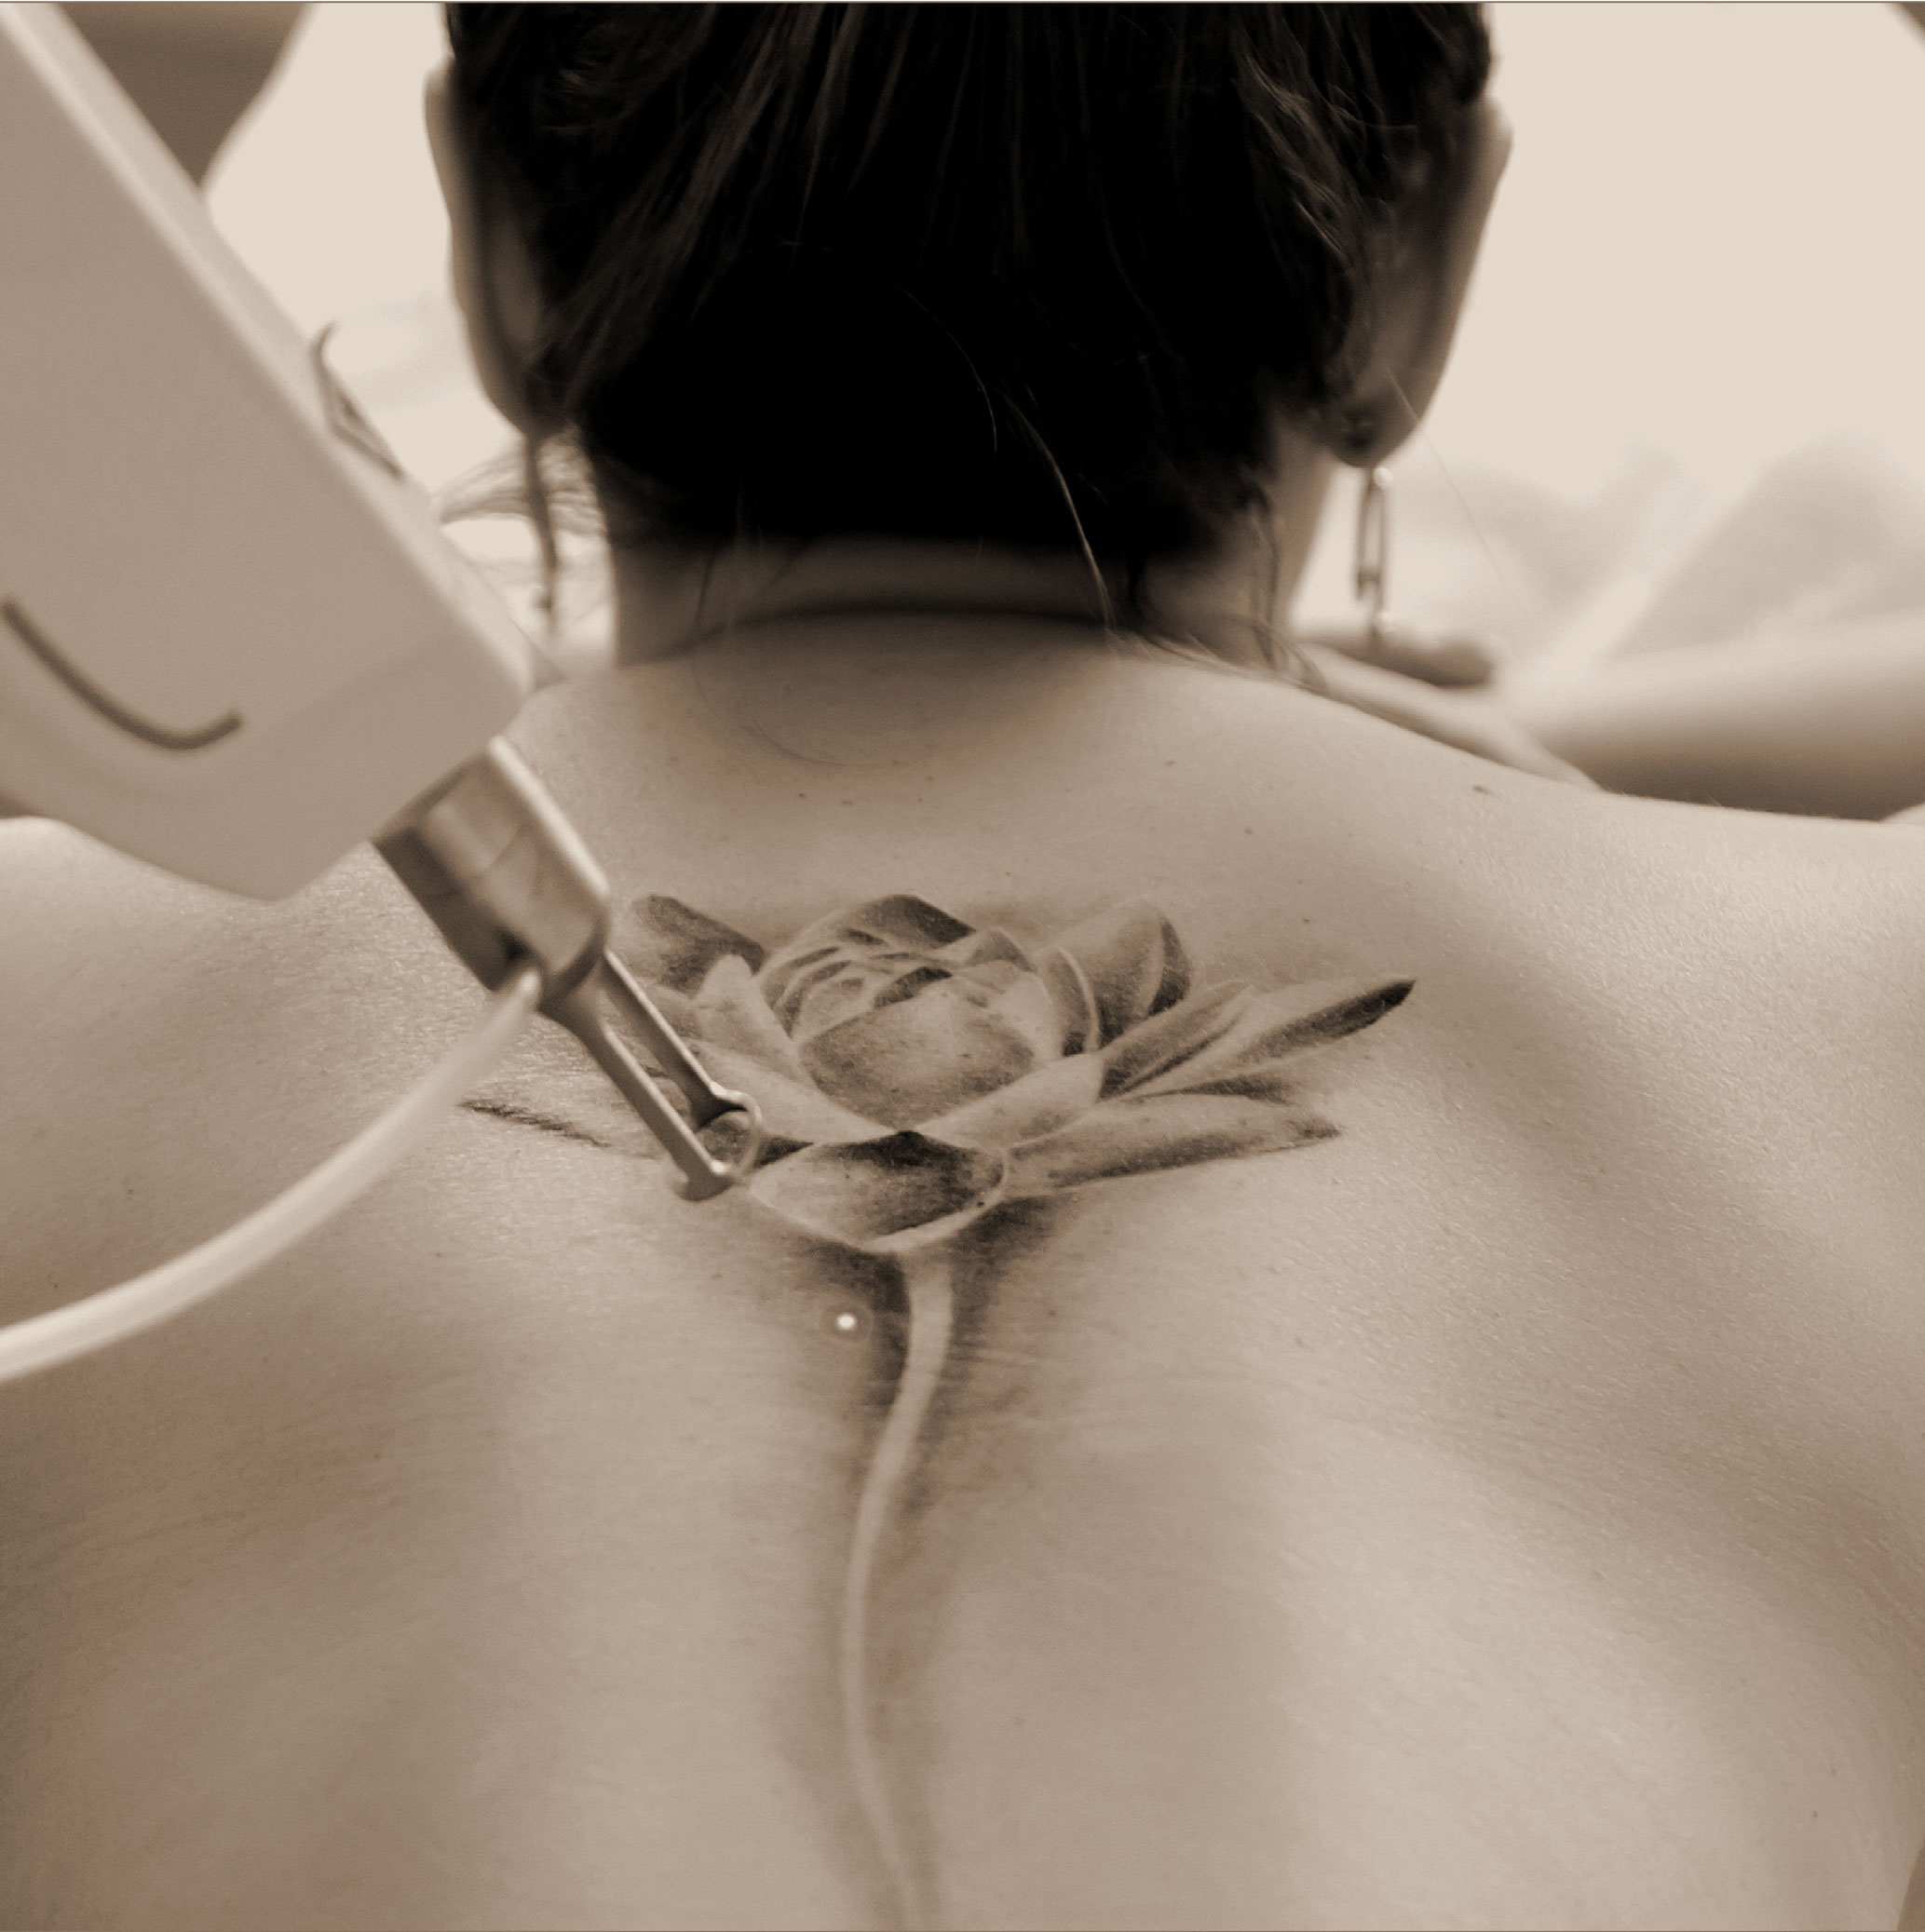 Doctor Charme effettua la rimozione dei tatuaggi con il trattamento Pico Laser Enlighten